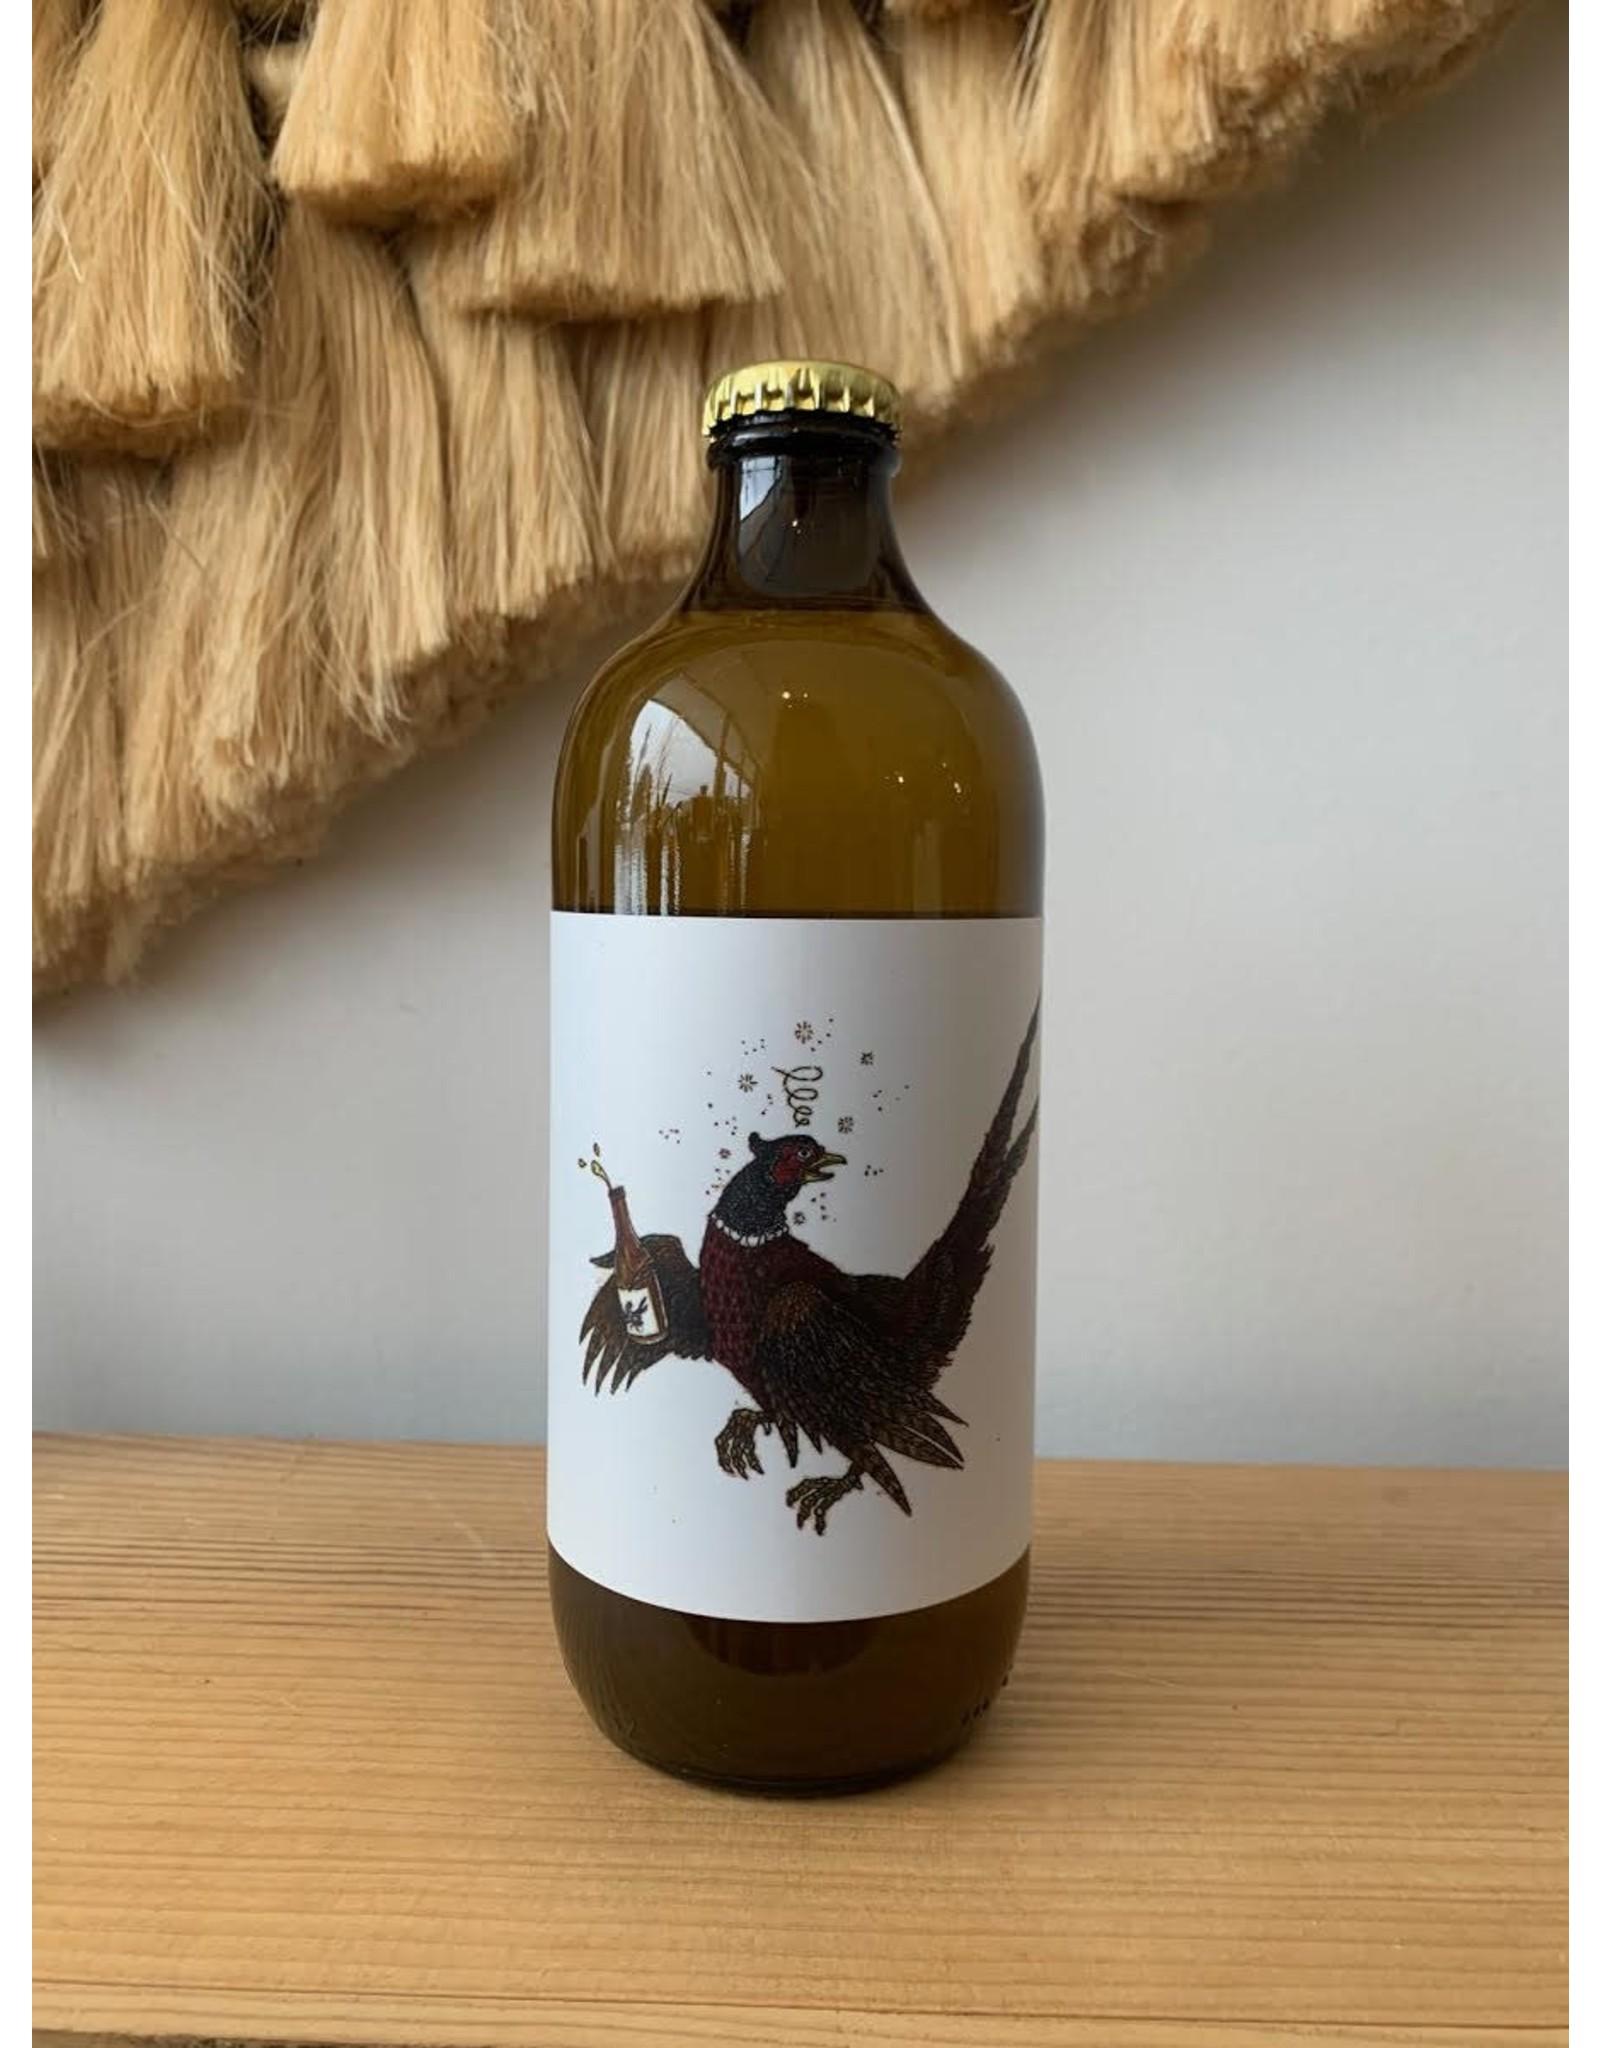 Rose Hill Farm Pheasant Farmhouse Cider 2019 375 mL